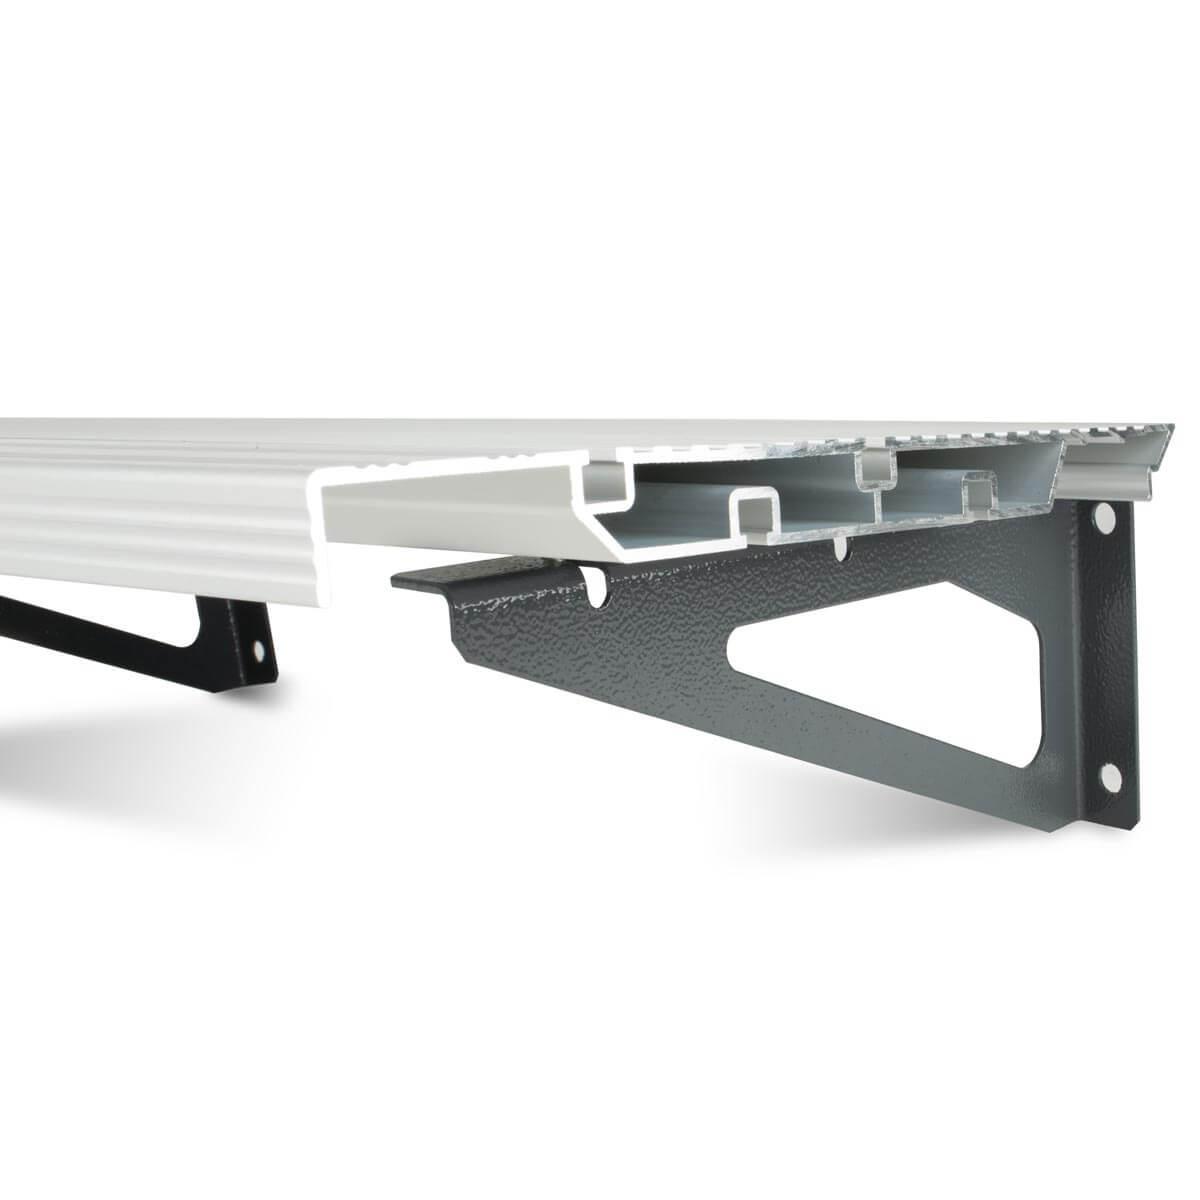 Rubi Table Extension stone saws